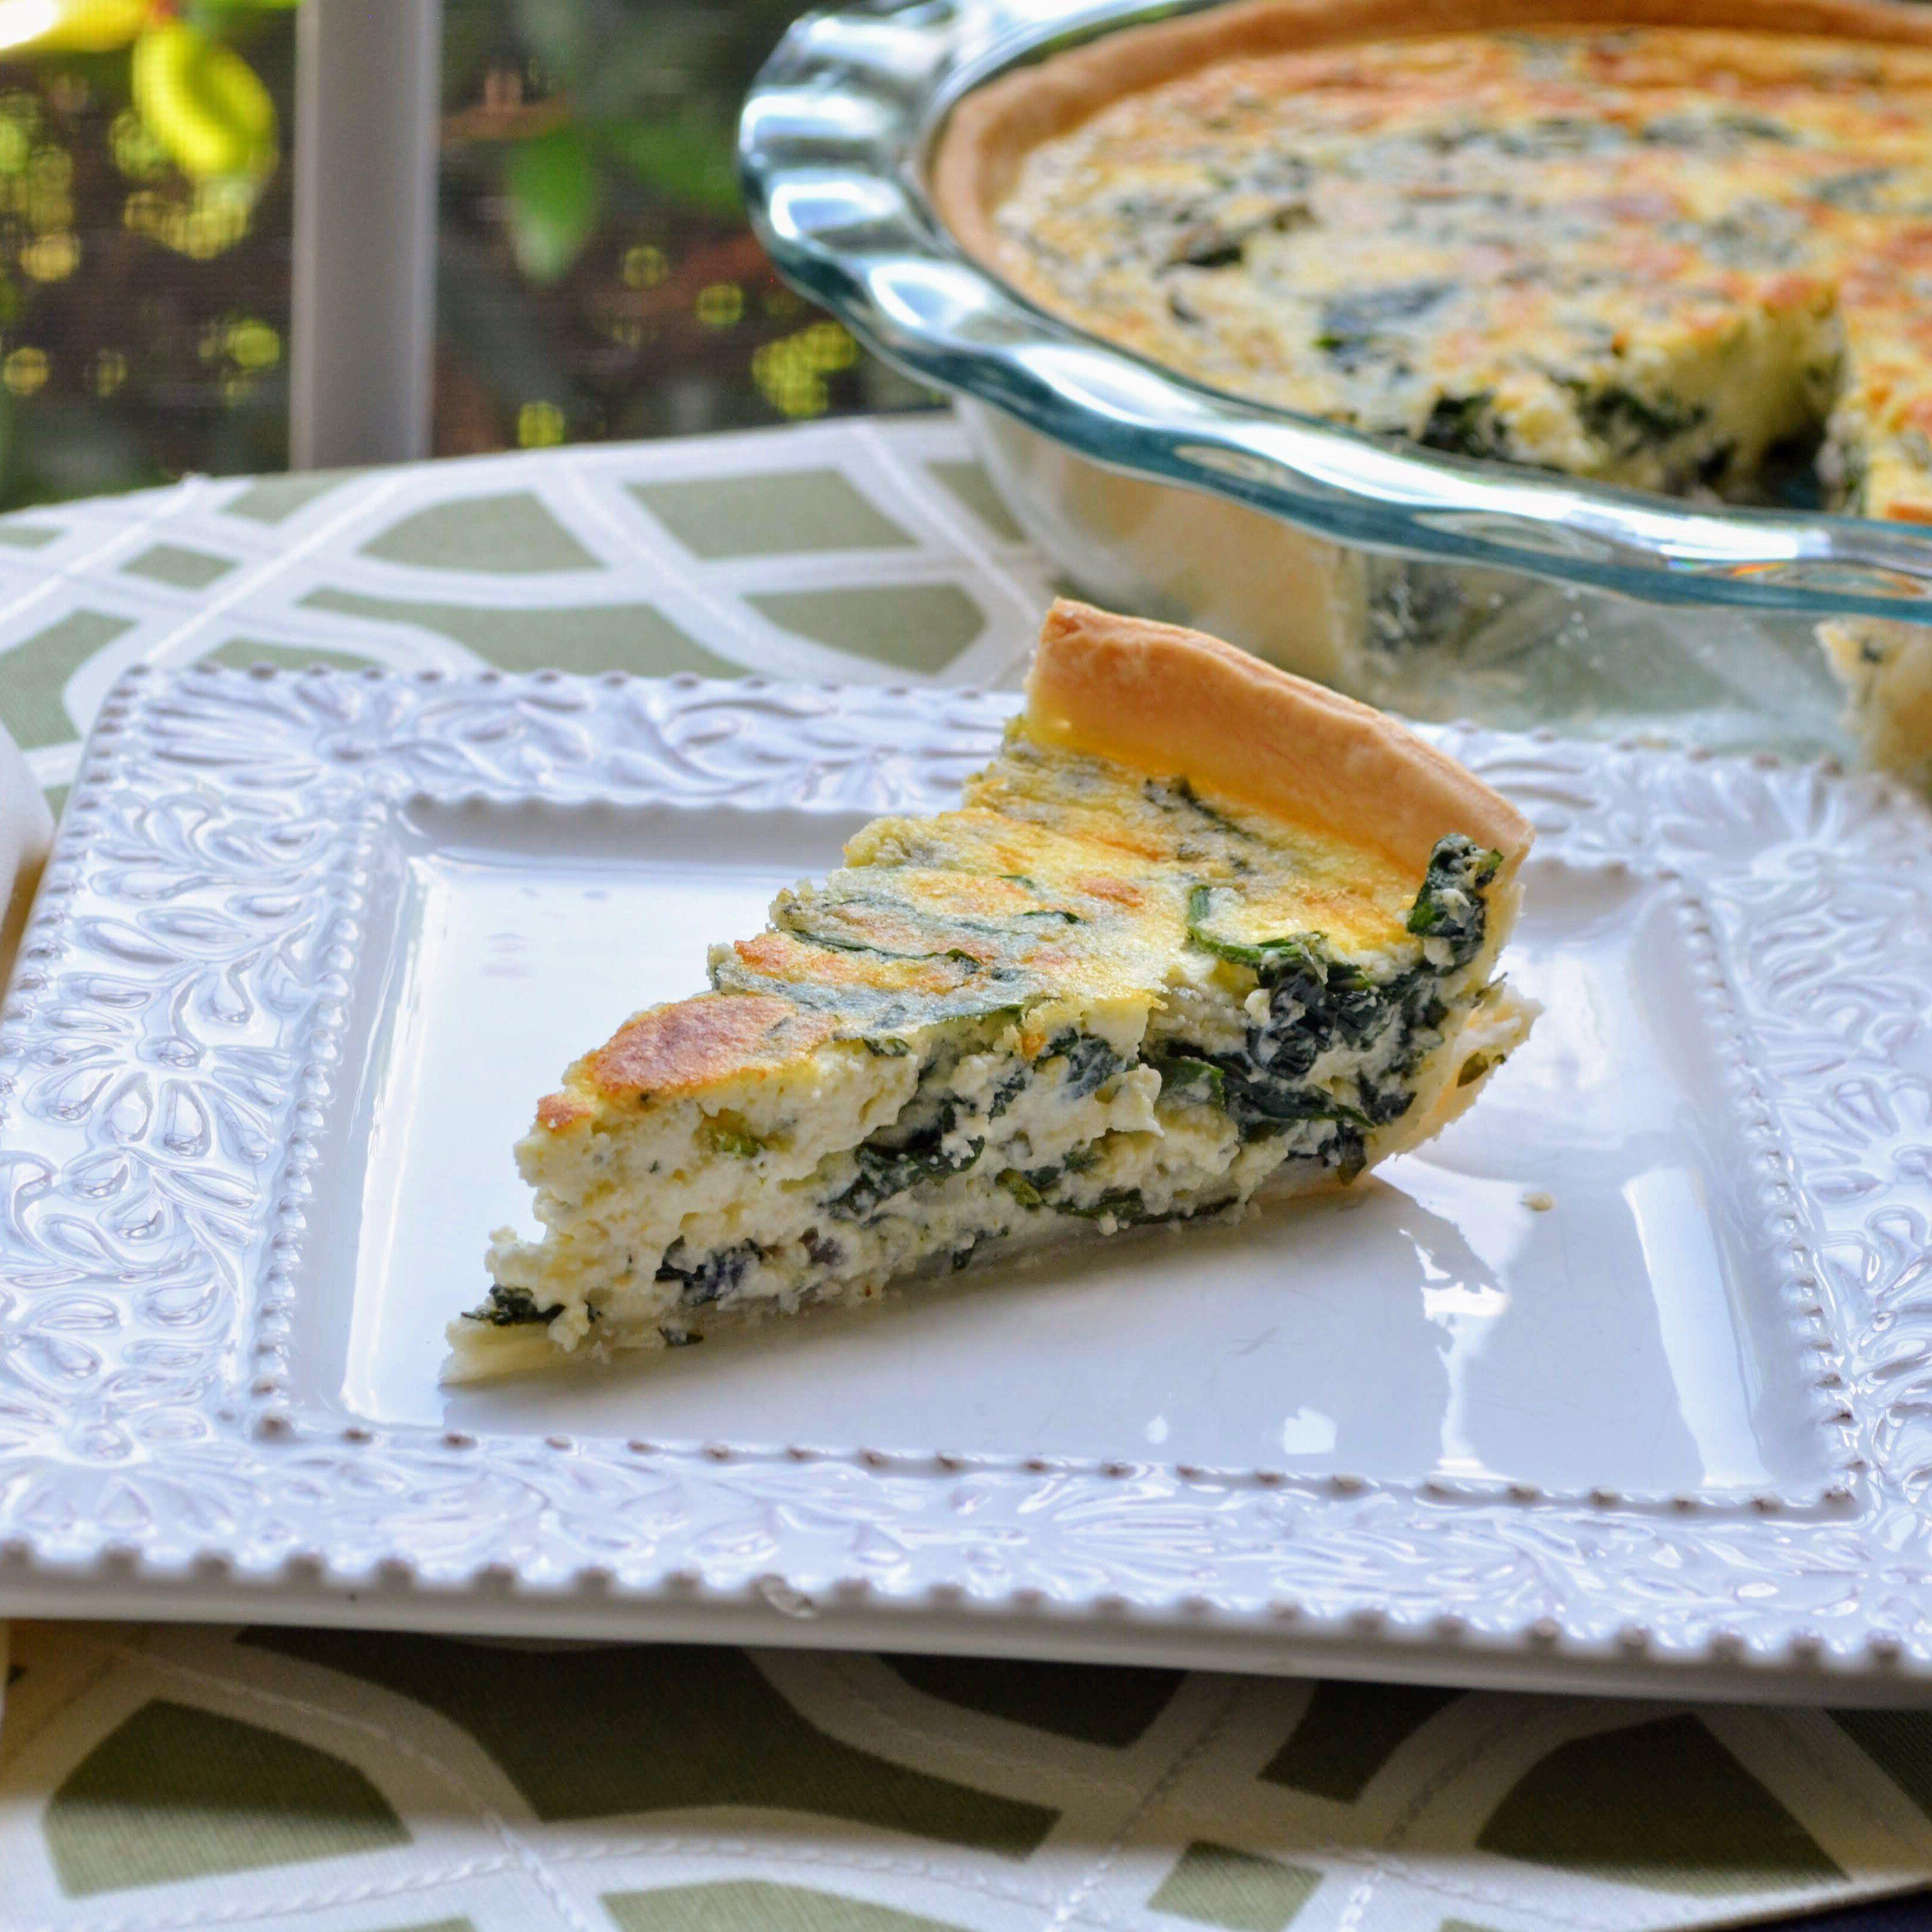 Spinach Ricotta Quiche Recipe Recipes Breakfast Recipes Spinach Ricotta